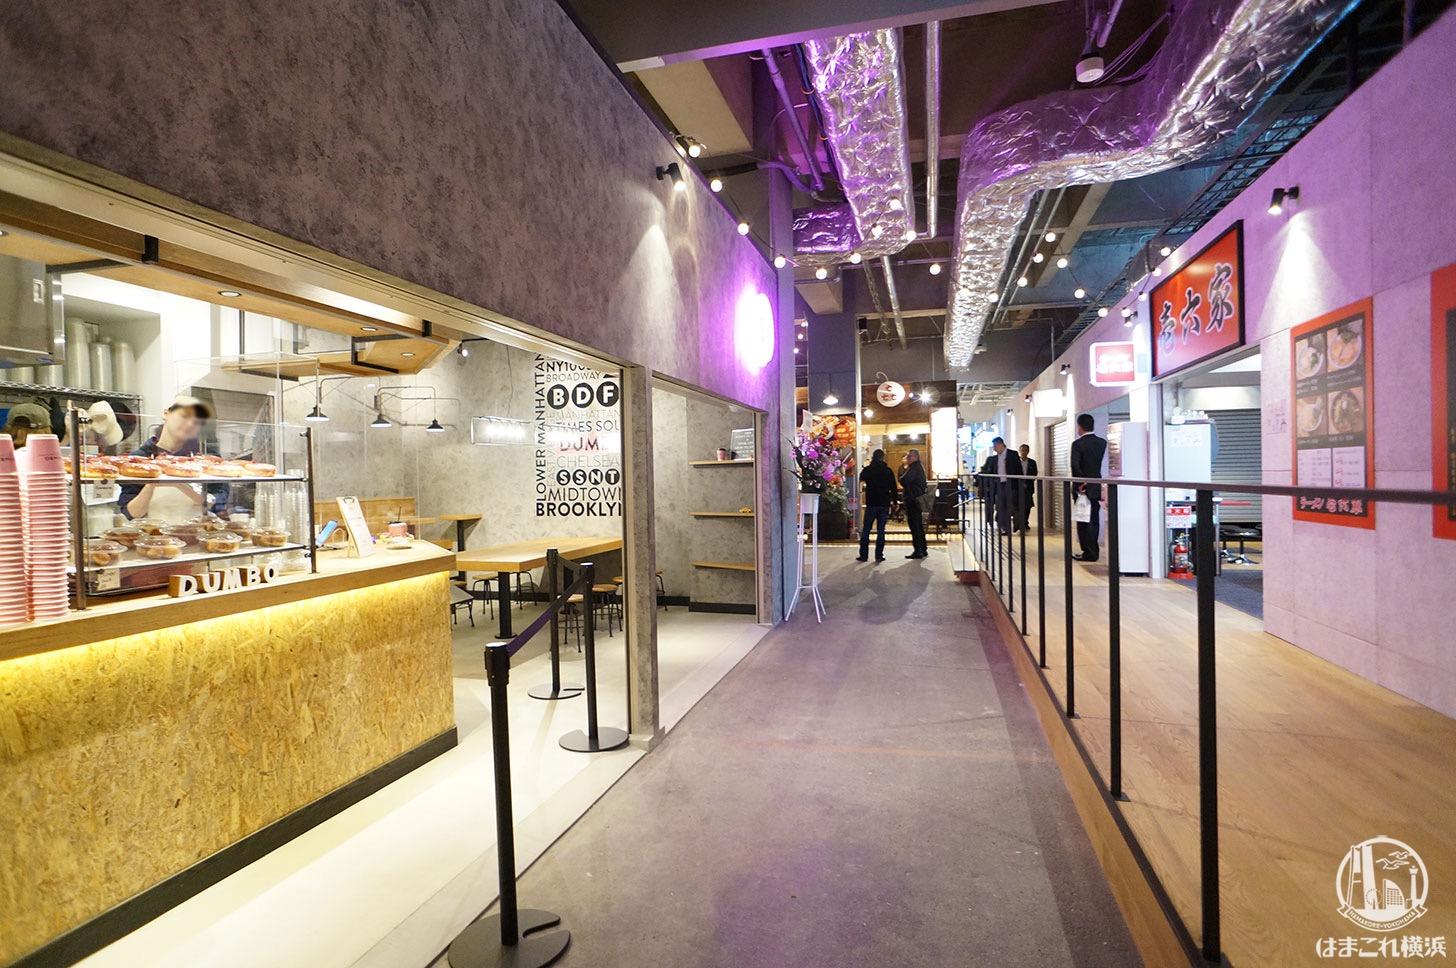 飲食店フロア 横浜駅東口ポストストリート